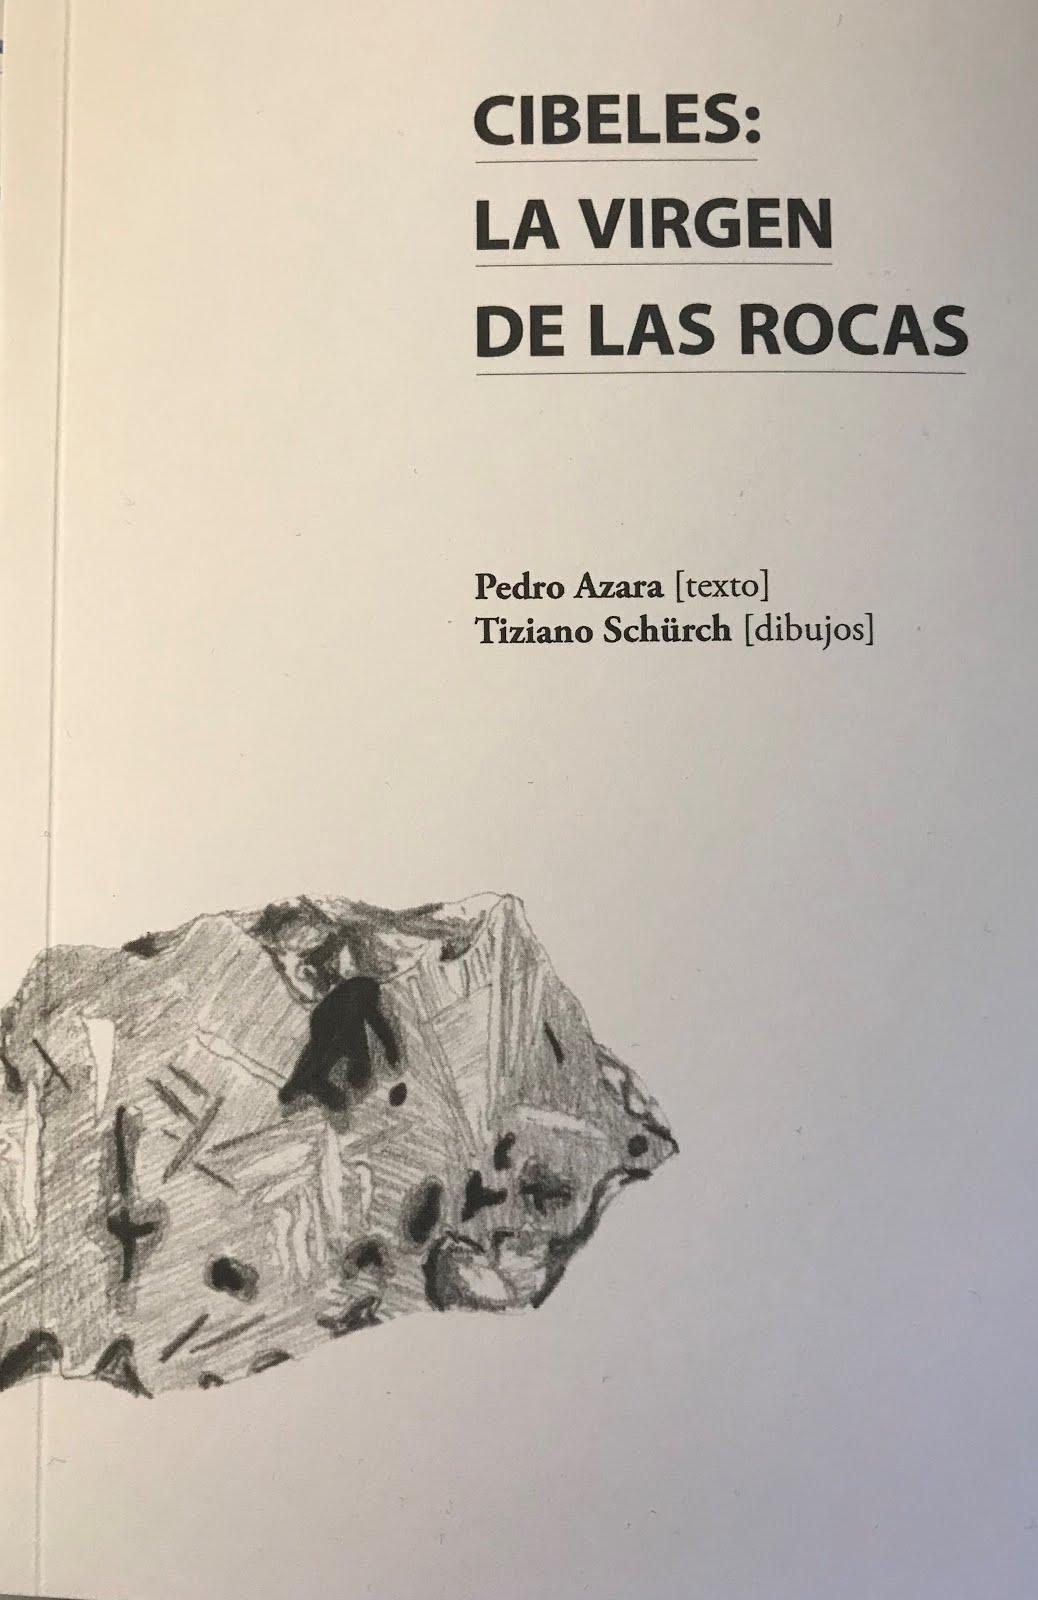 Pedro Azara & Tiziano Schürch: Cibeles, la virgen de las rocas